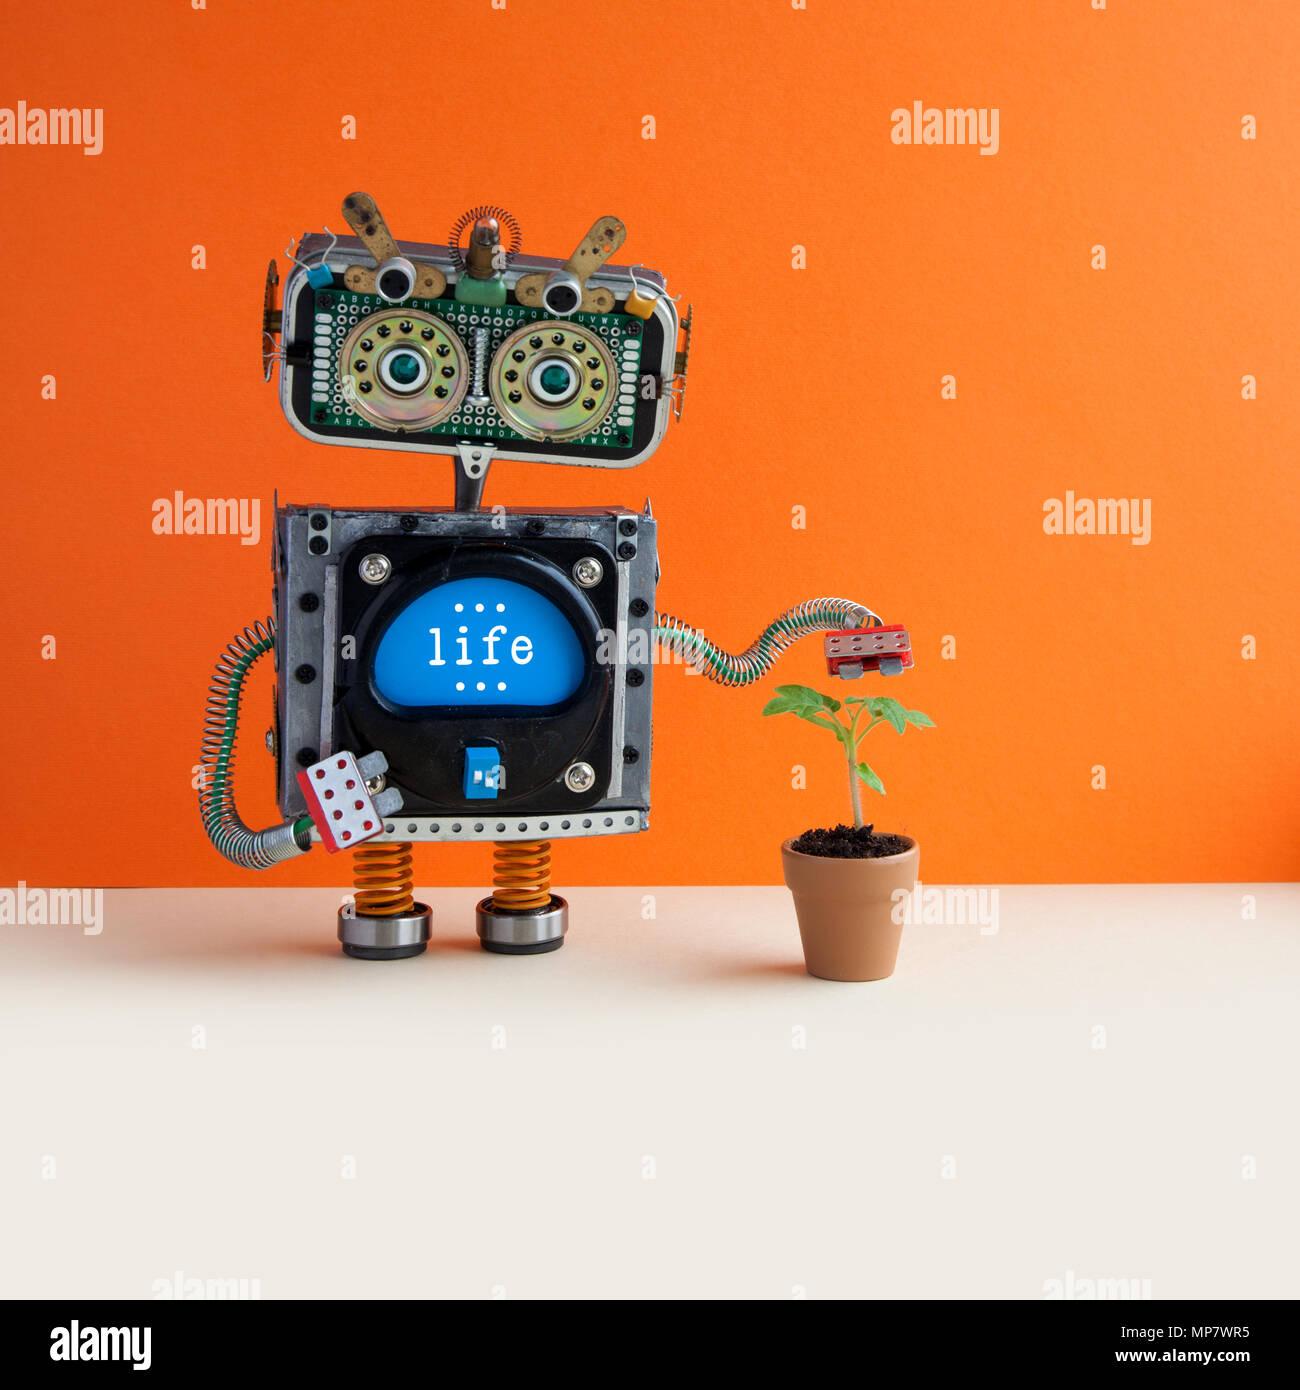 Bio eco Life Konzept. Roboter mit einem kleinen grünen sprießen Anlage in einen Blumentopf aus Ton. Orange wand hintergrund, kopieren. Stockbild